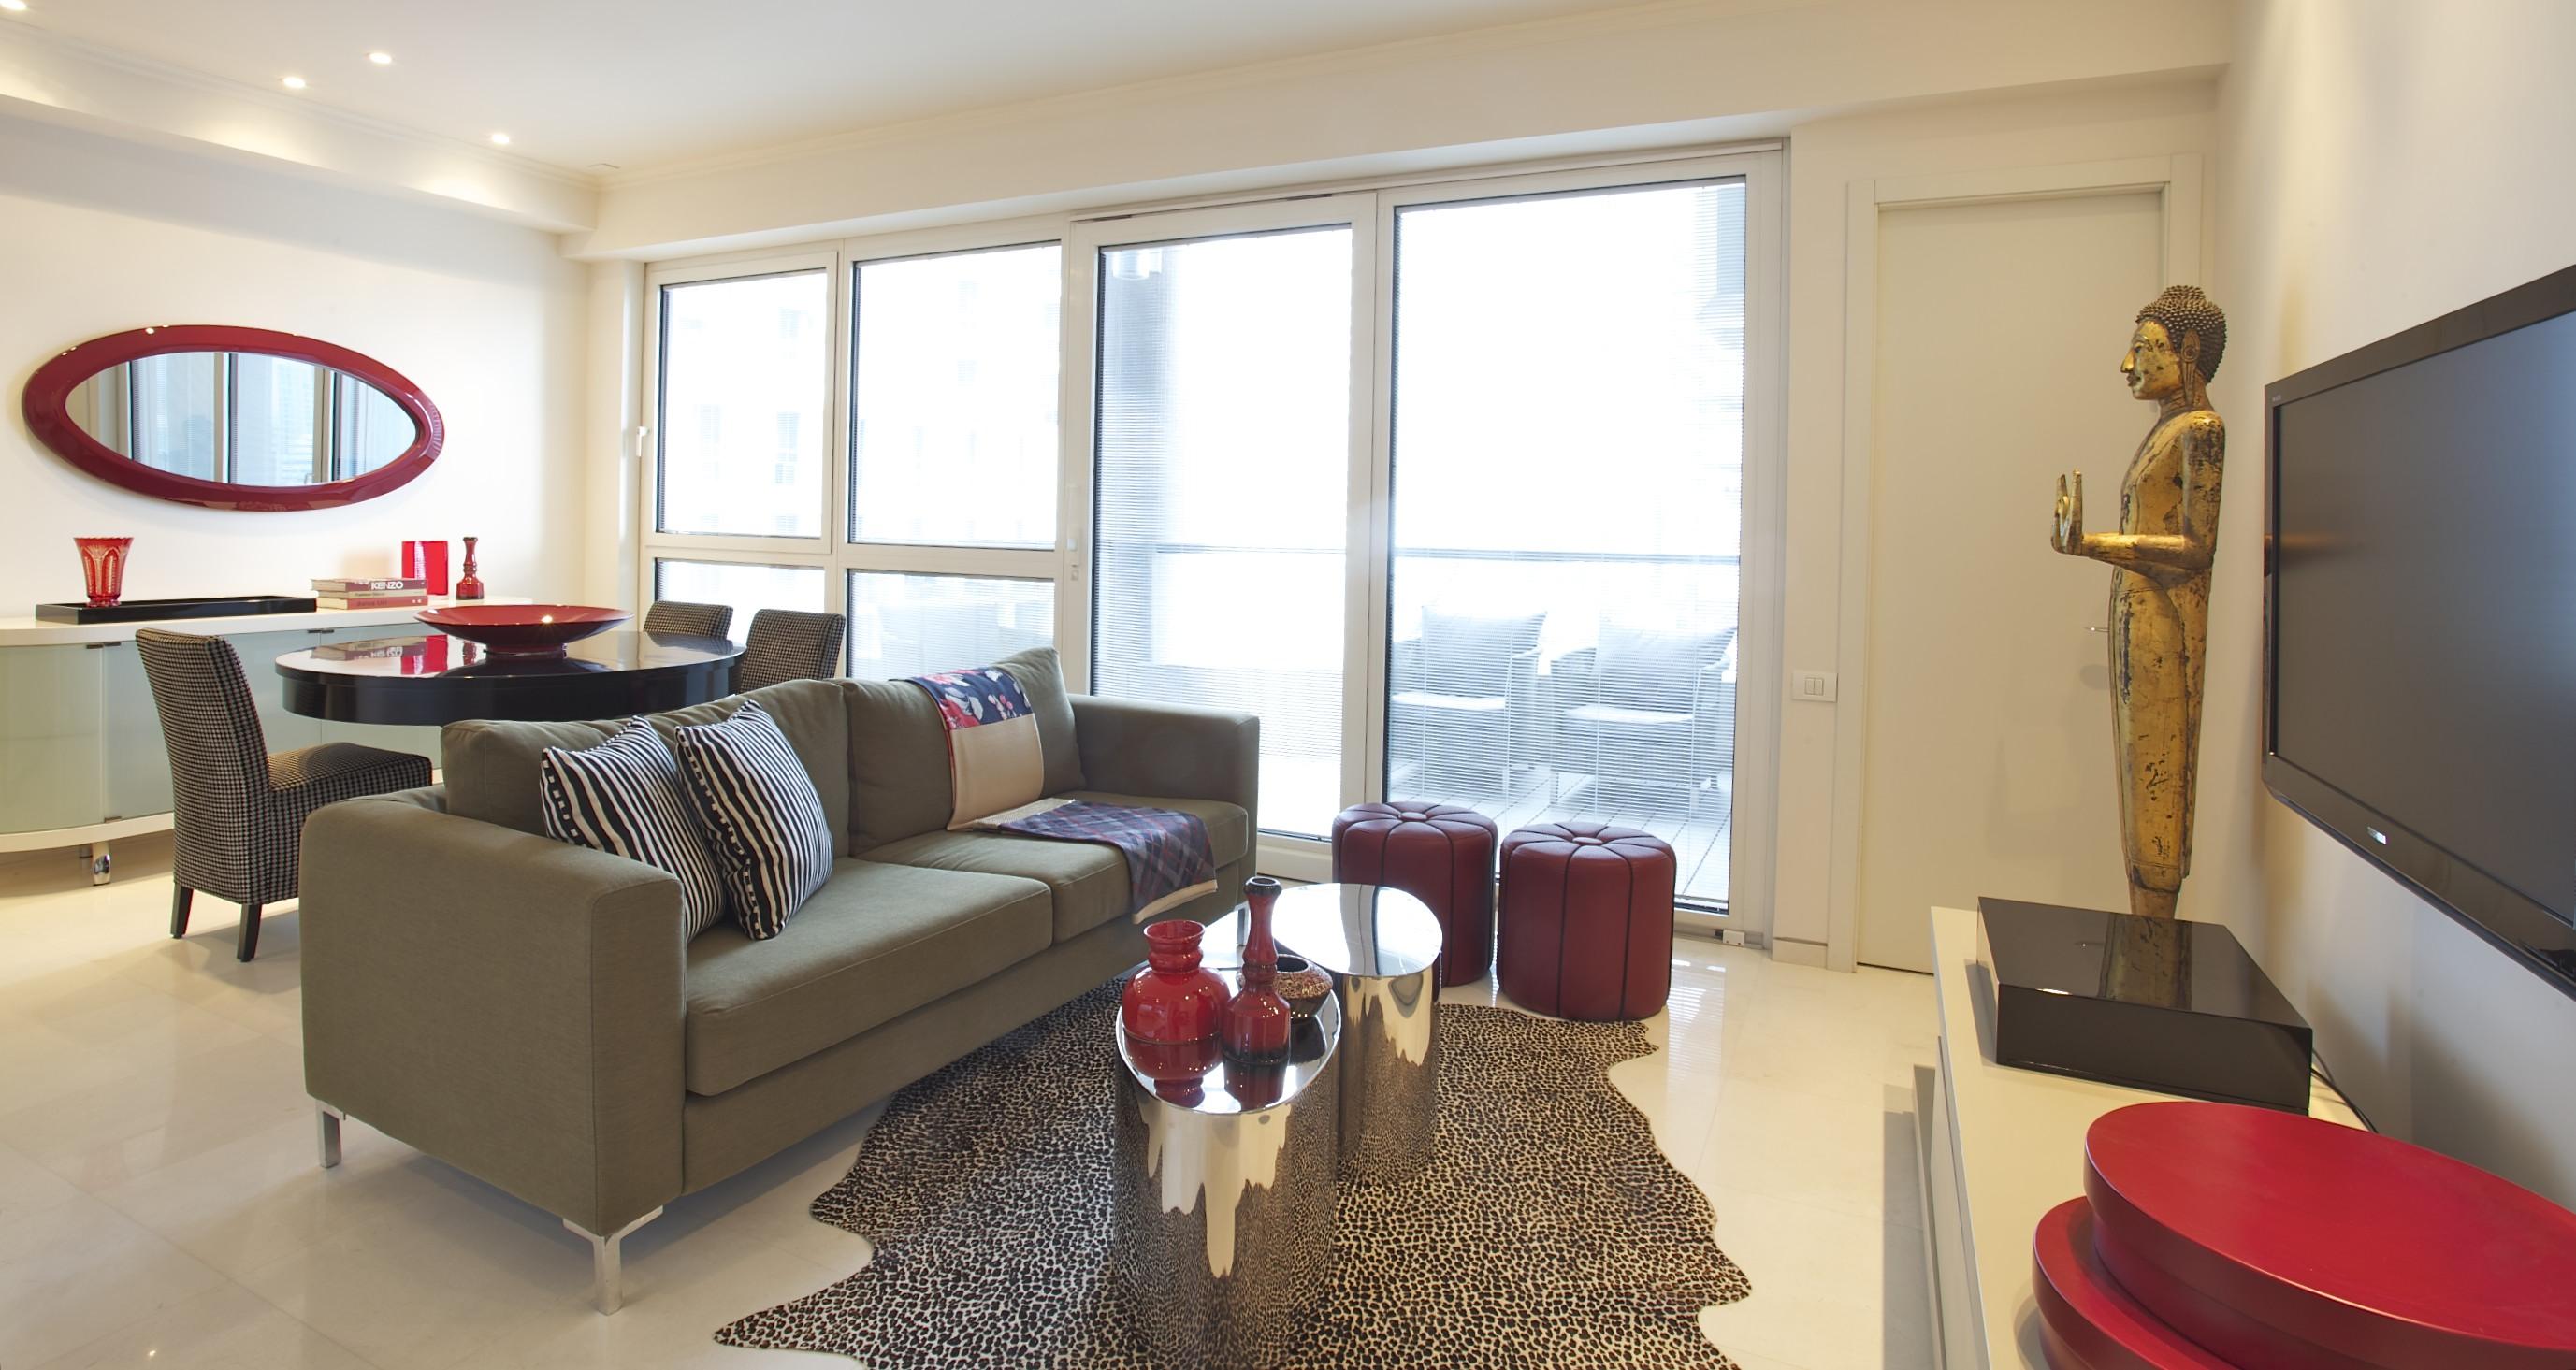 דירה במגדל YOO - חלל מגורים